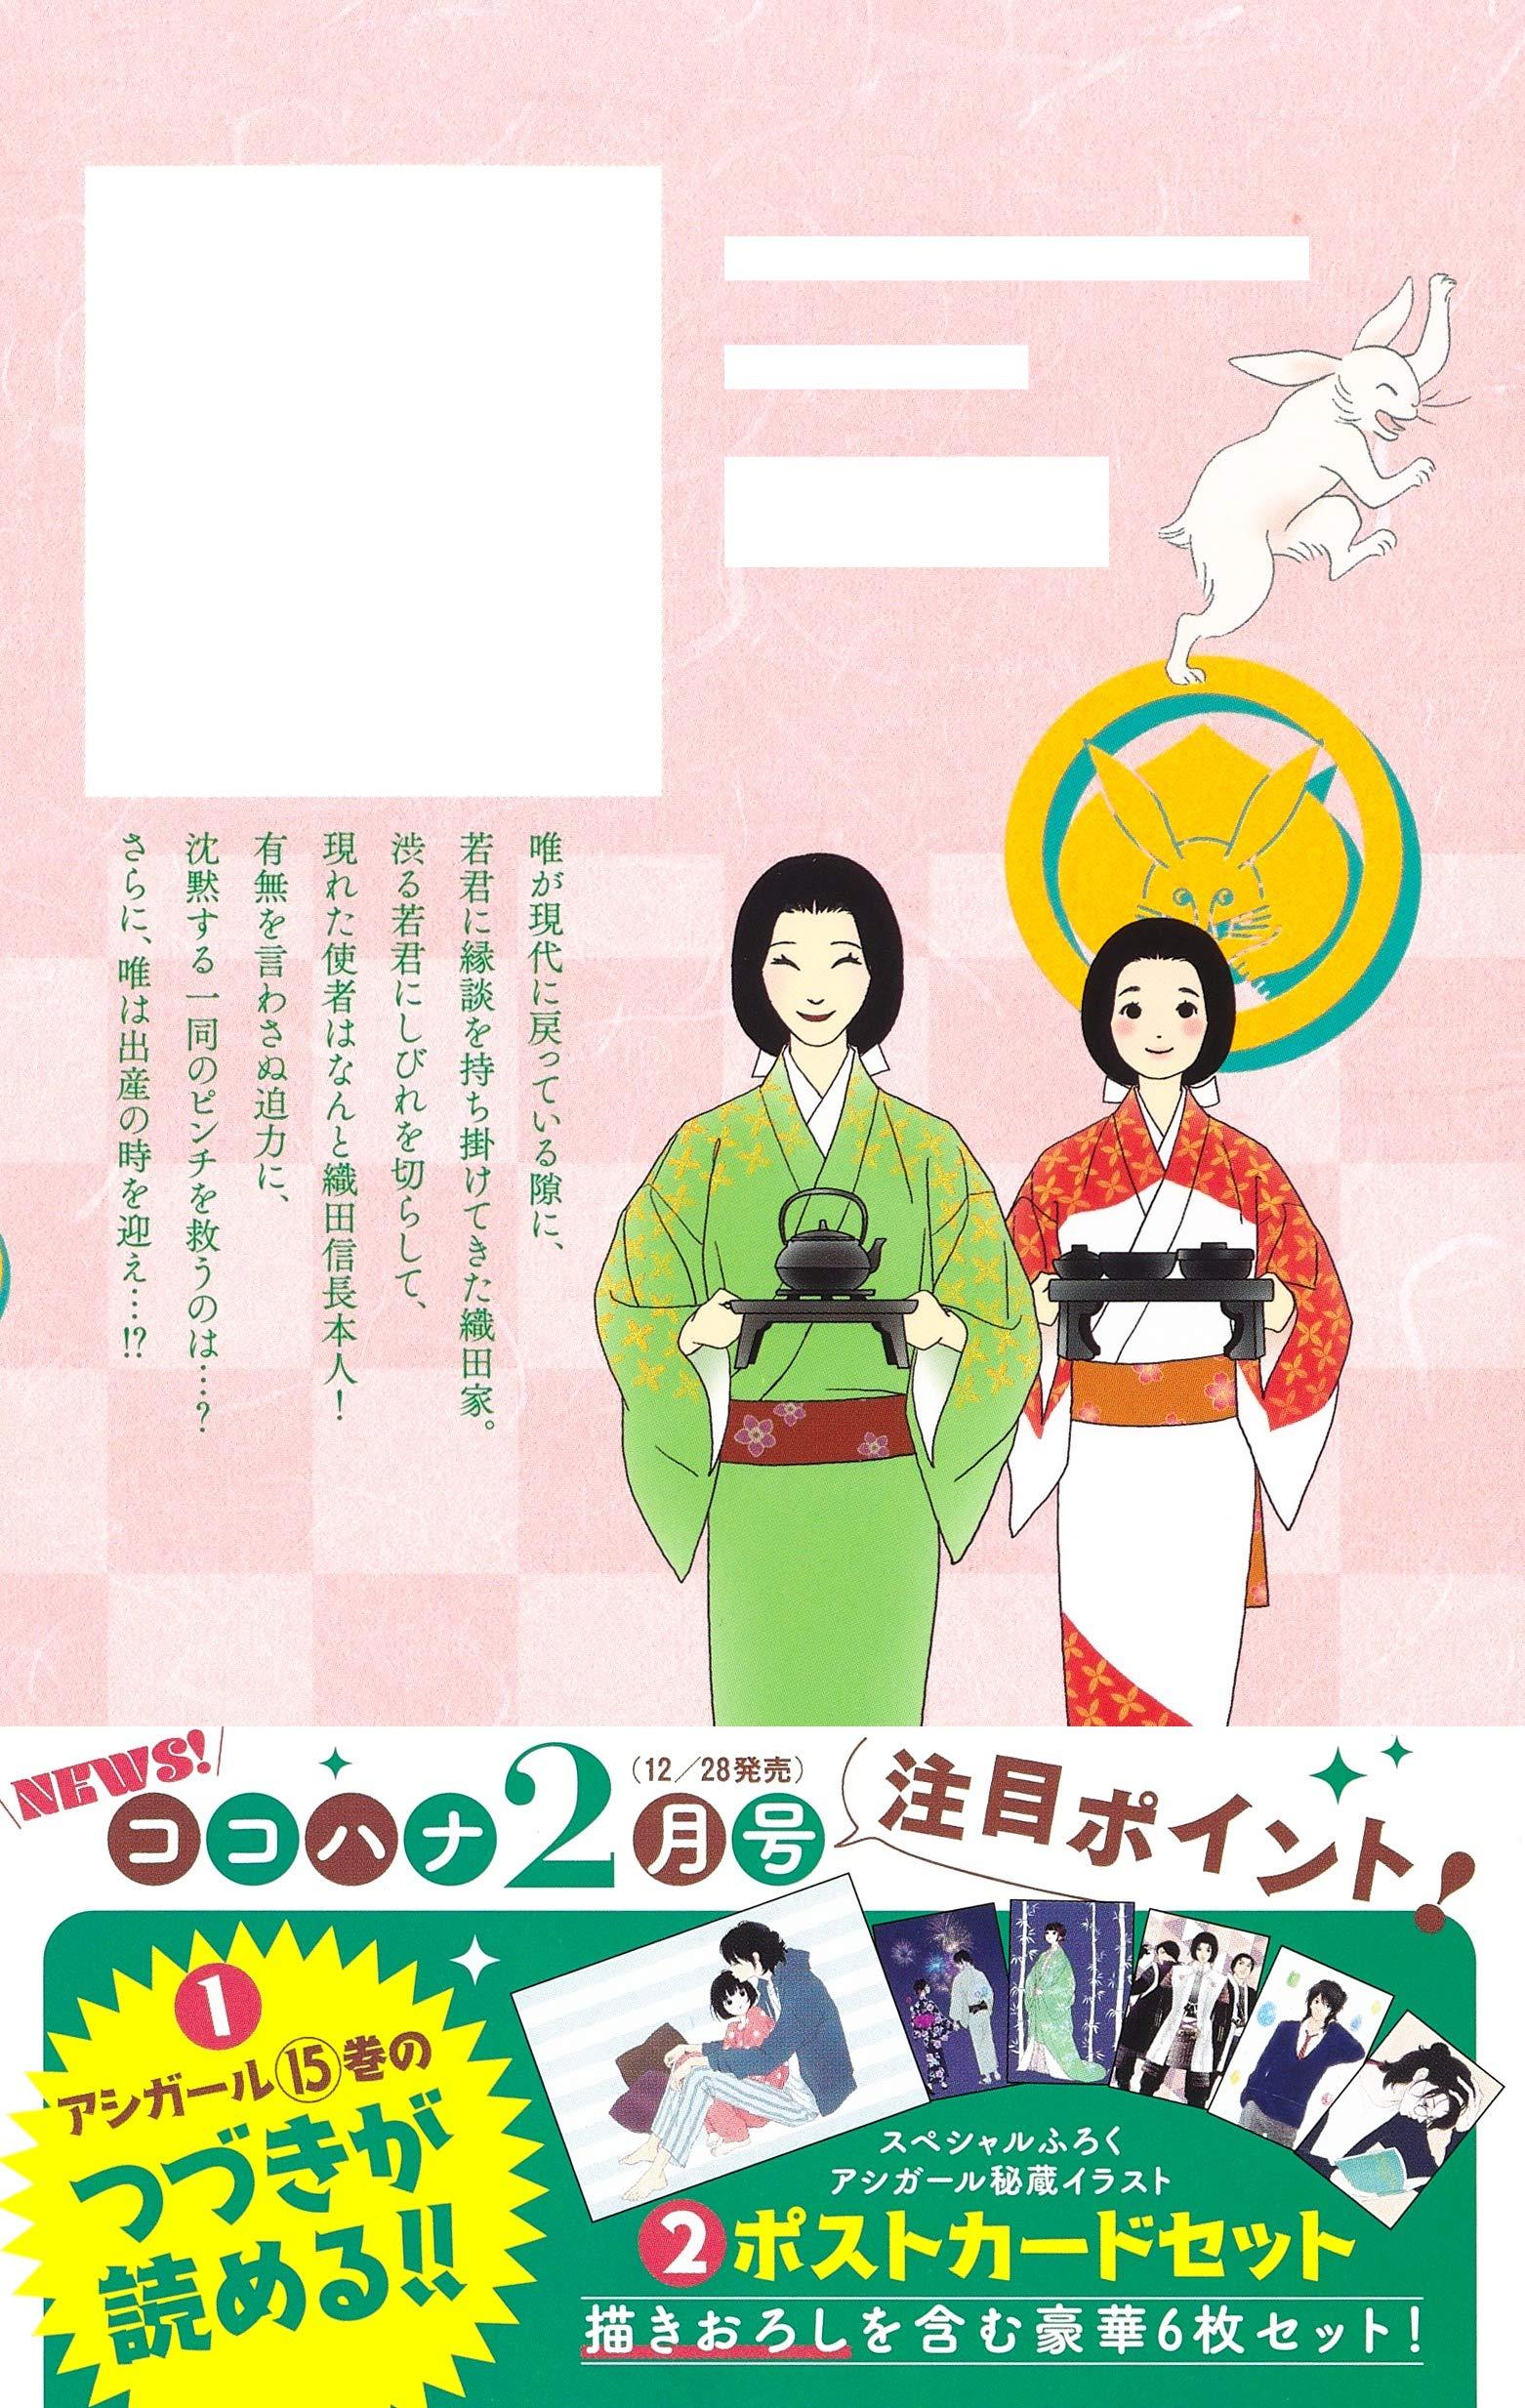 13 日 発売 アシガール 巻 アシガールの最新刊『12巻』と全巻を無料で読めるか調べたら6巻タダなので方法を紹介!